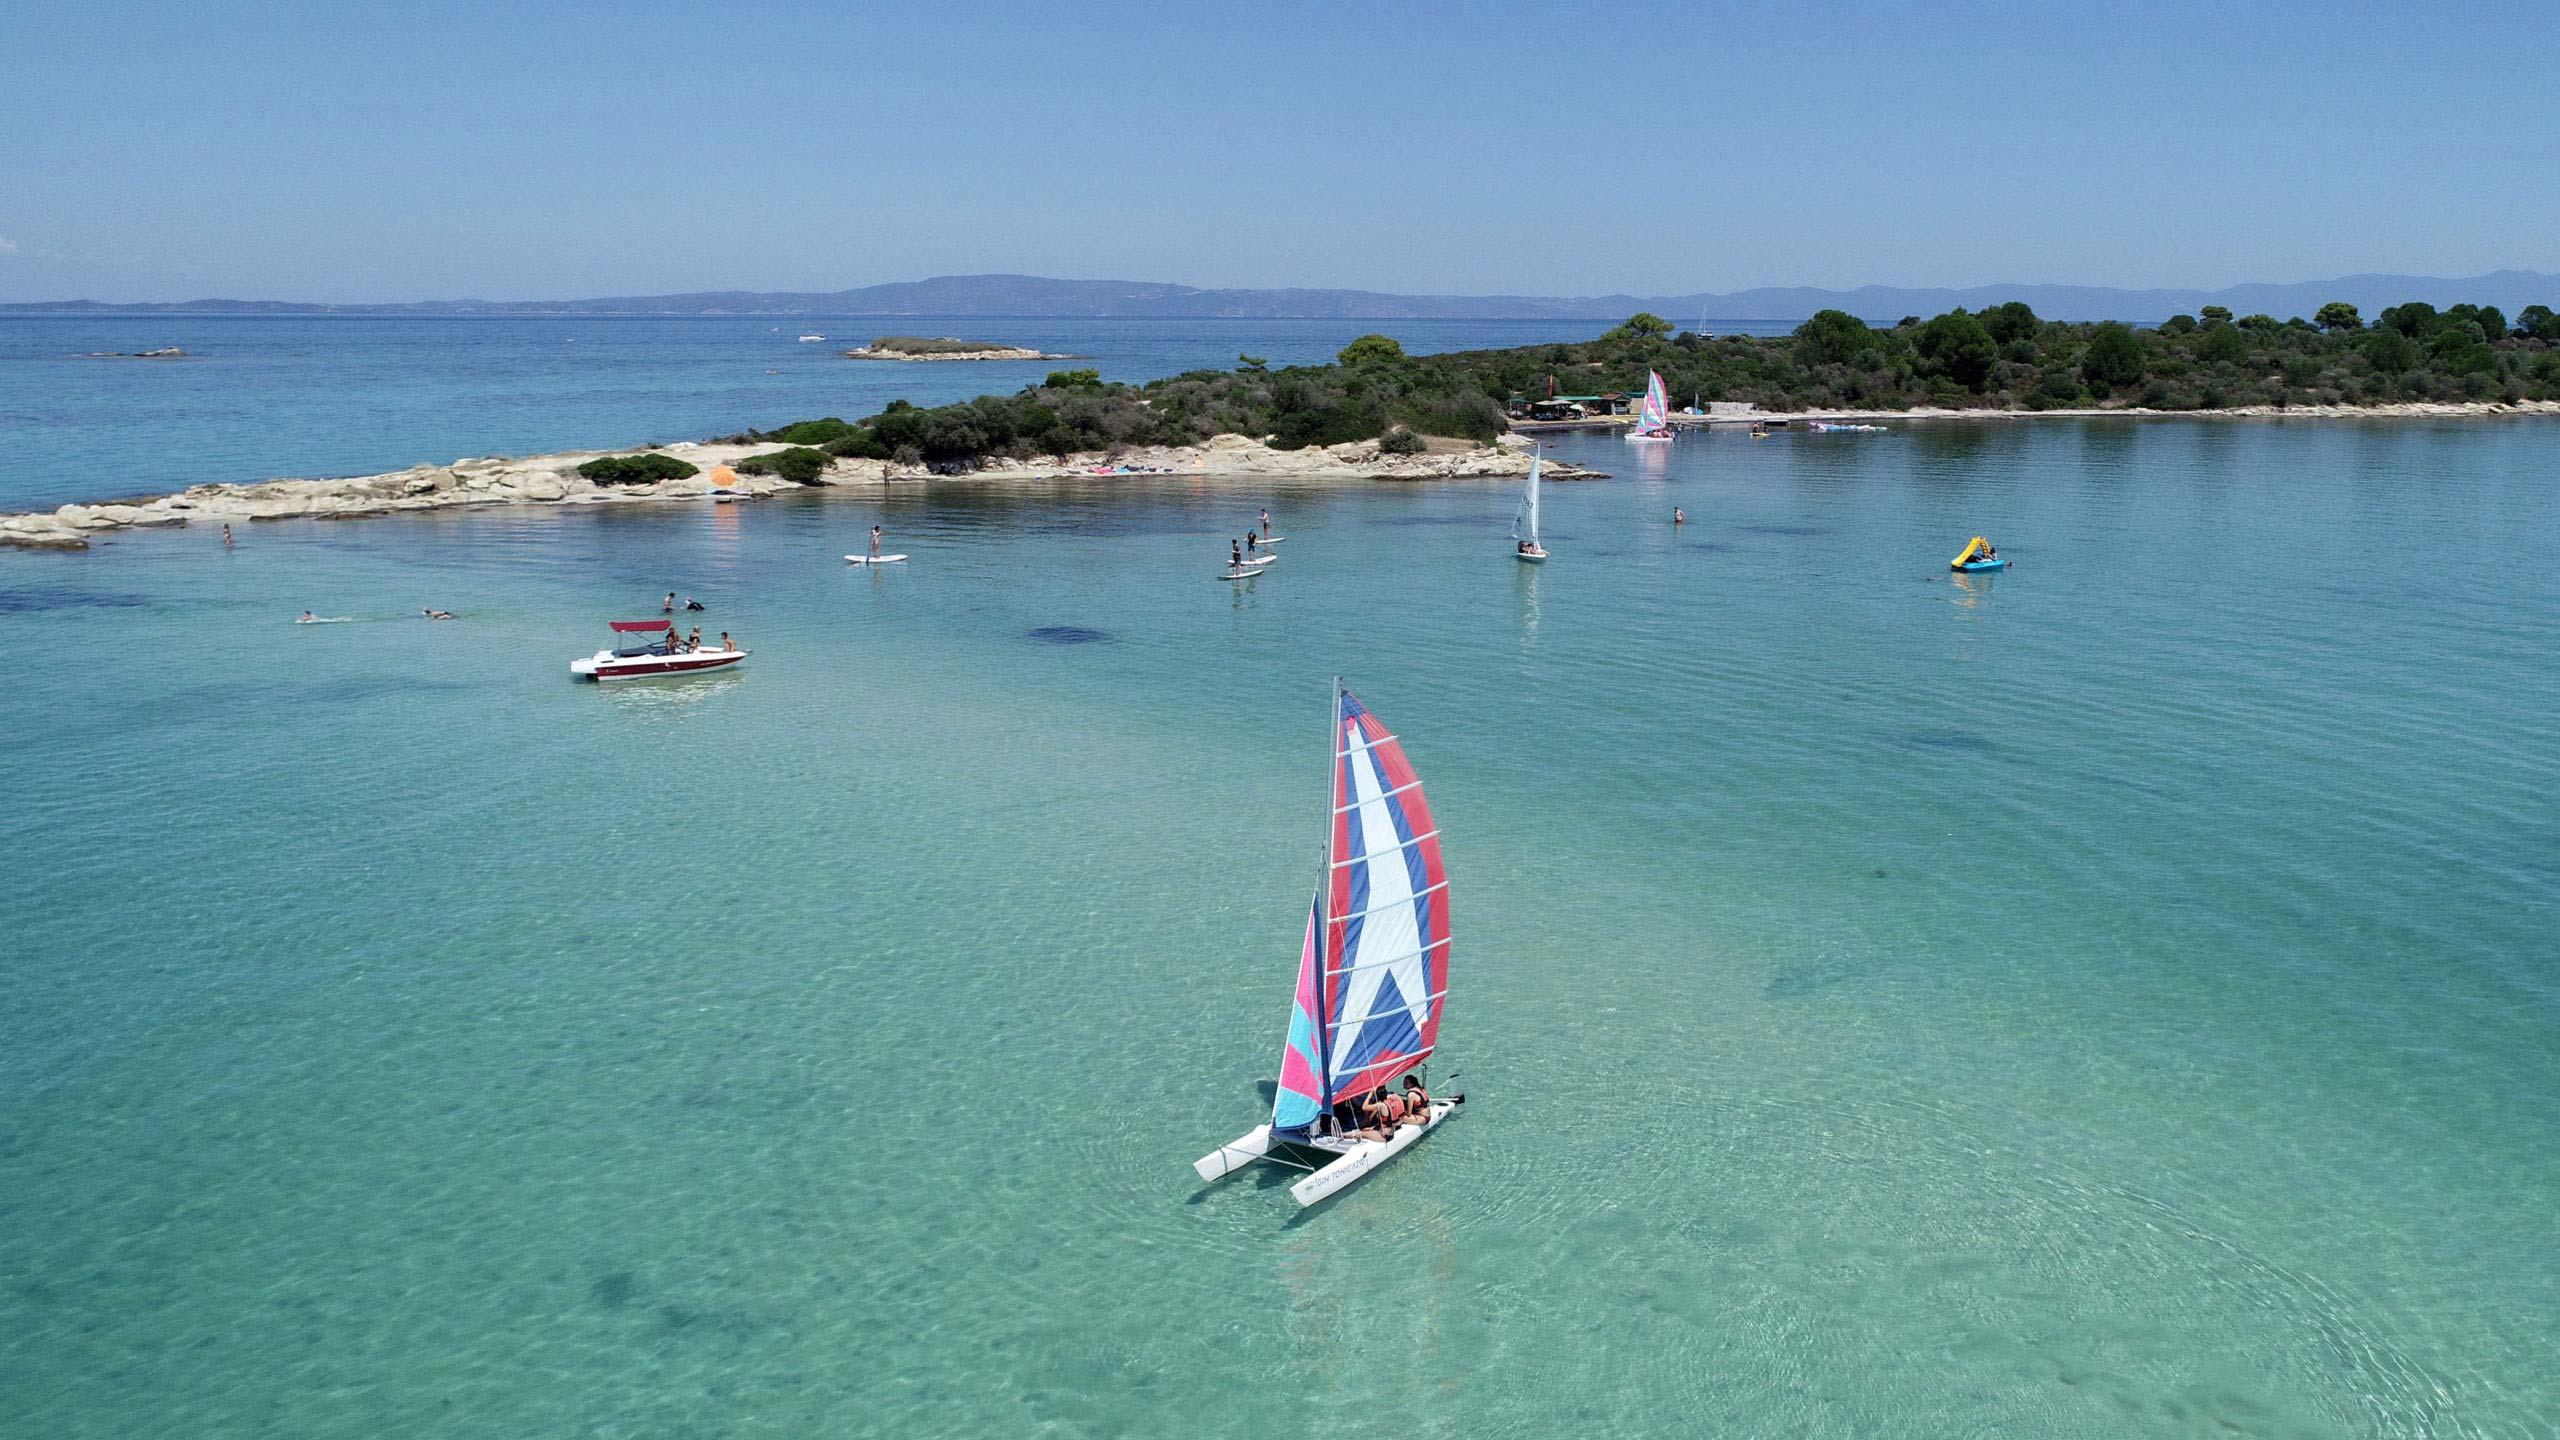 Καταμαράν, dinghy και σανίδες stand up πλέοντας σε γαλάζια ρηχά νερά